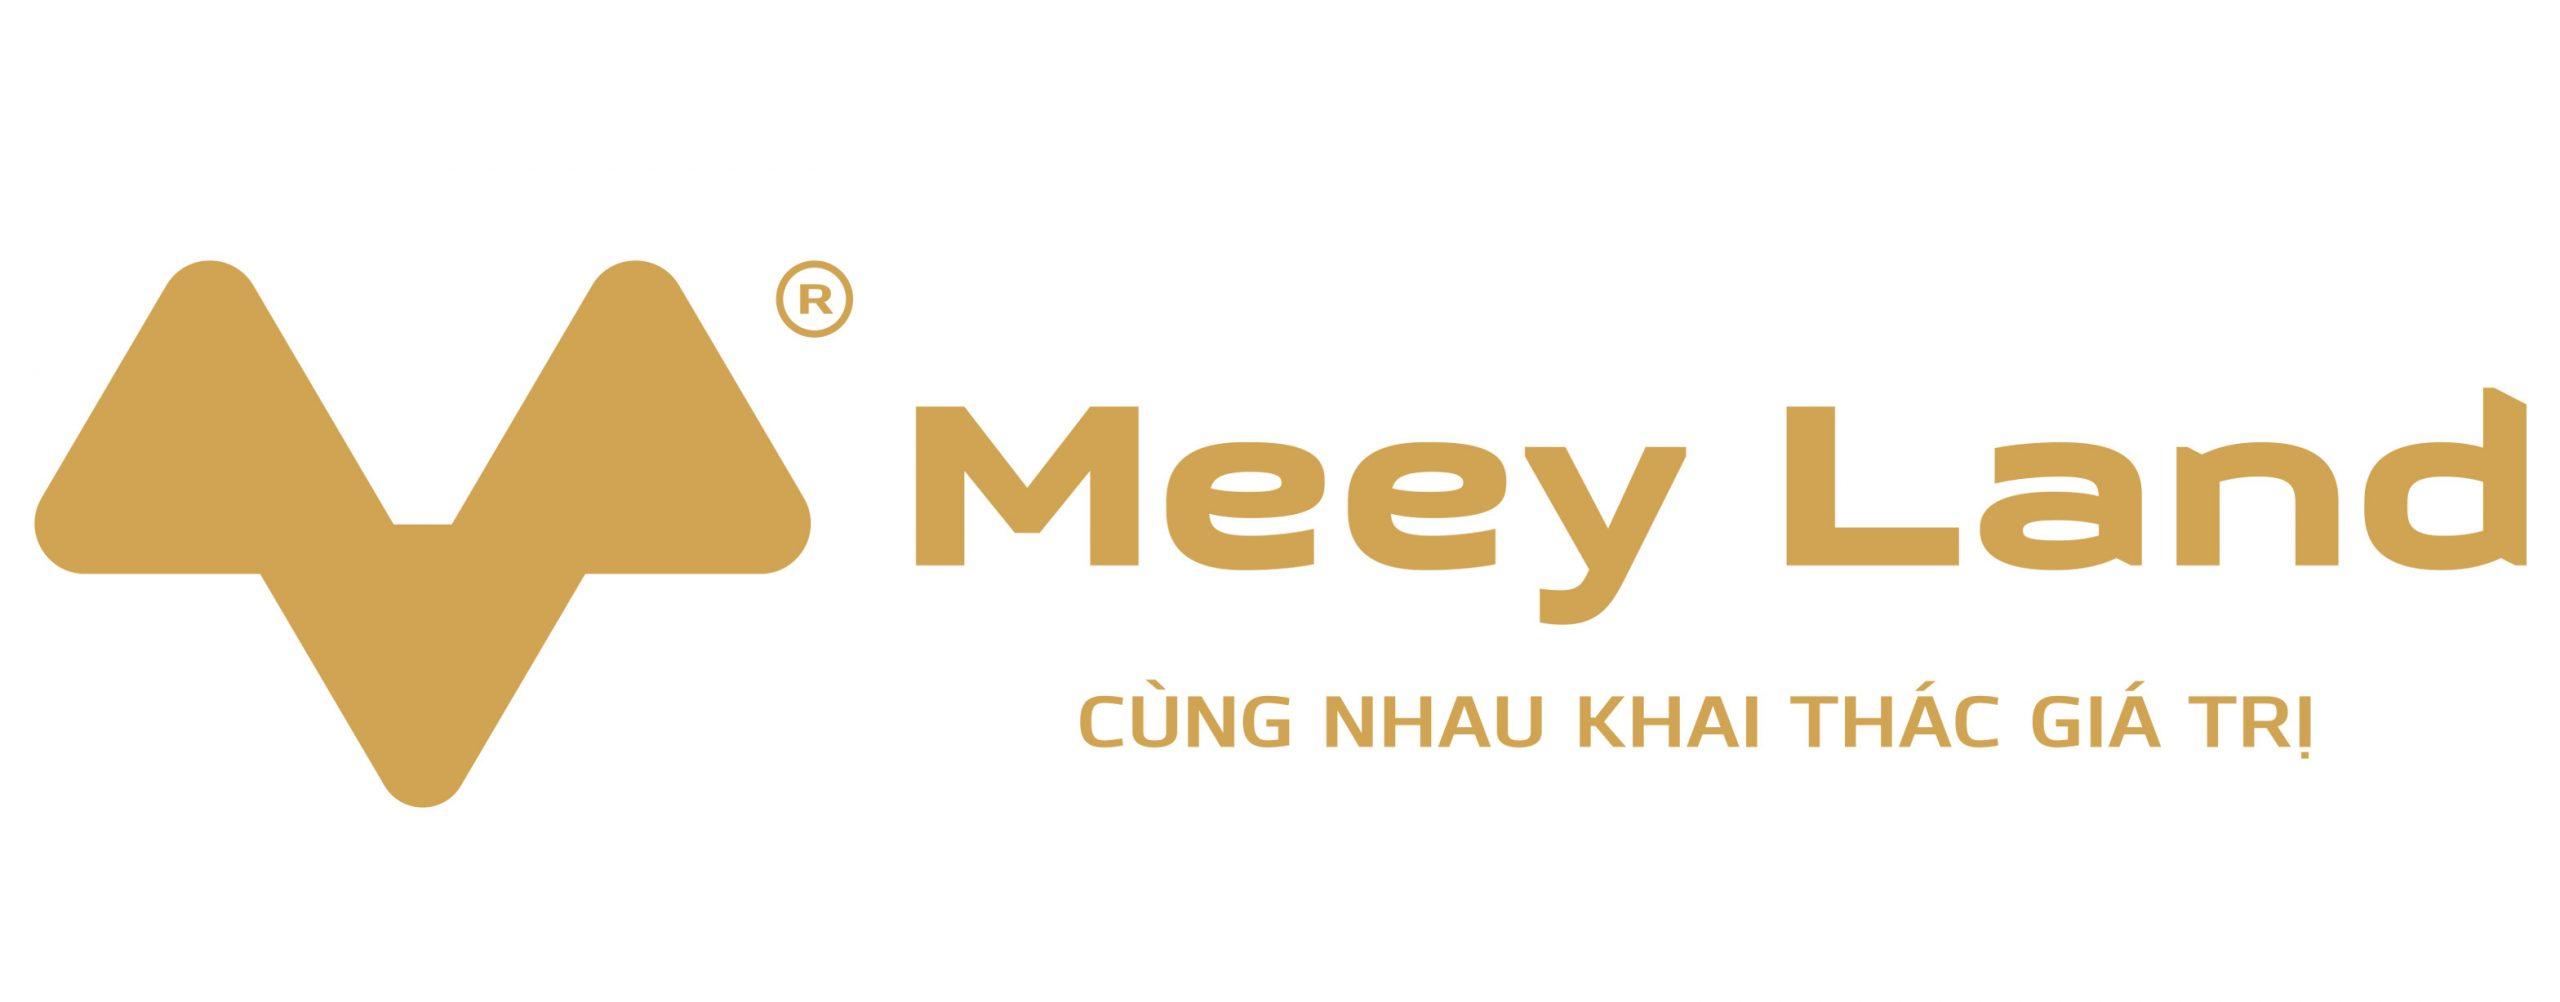 Meeyland là hệ sinh thái bất động sản trực tuyến hàng đầu